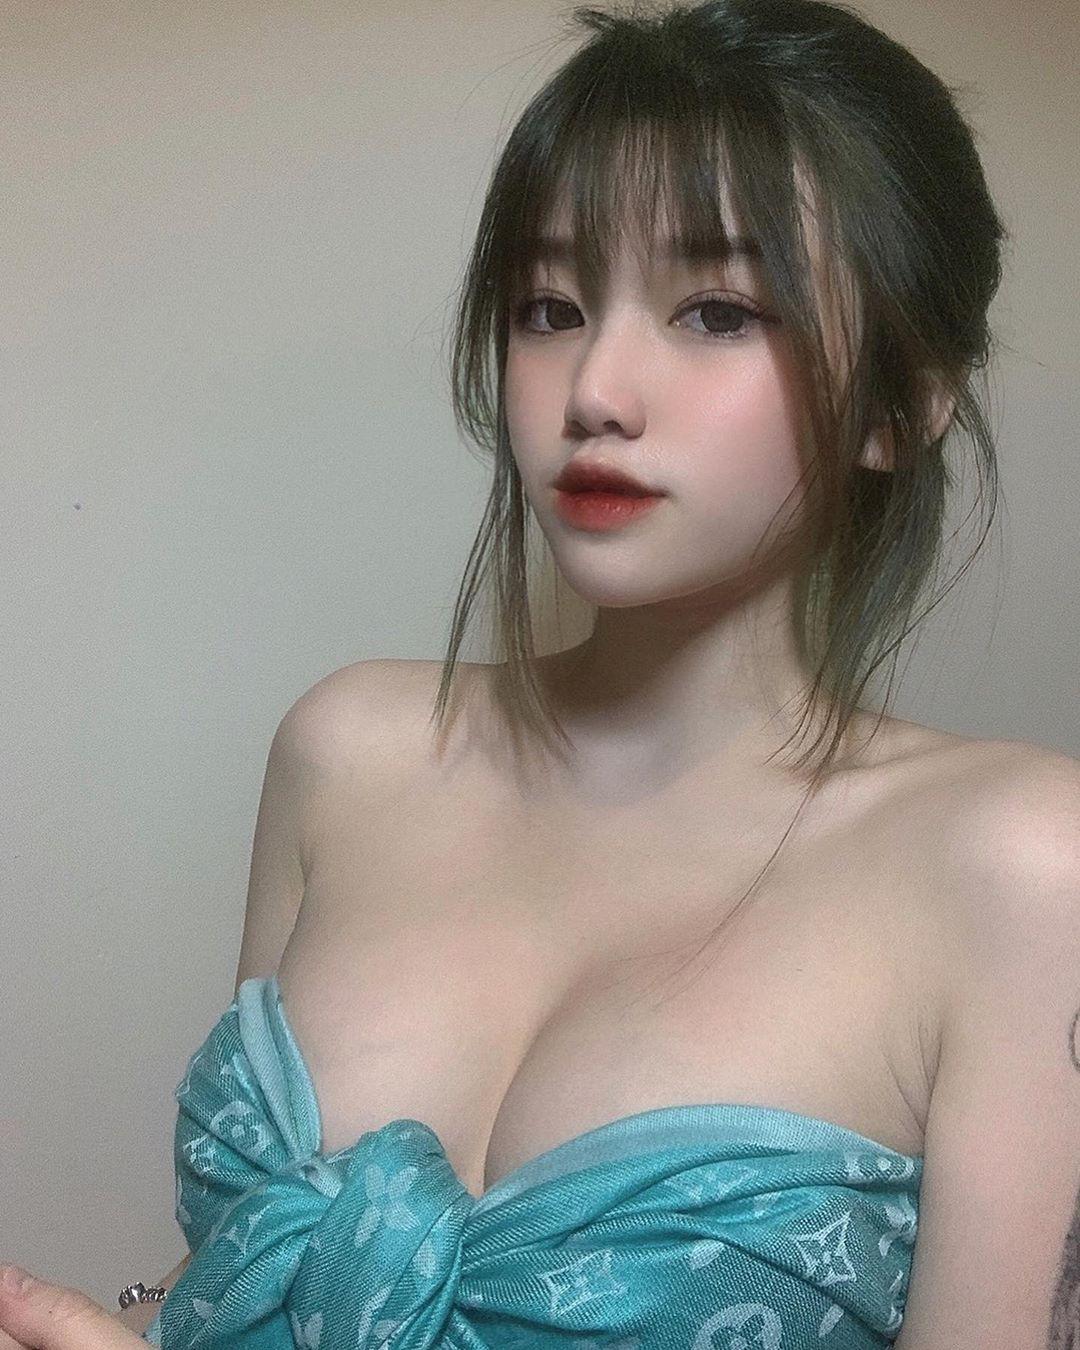 Nguyen Ngoc Tuyet Linh